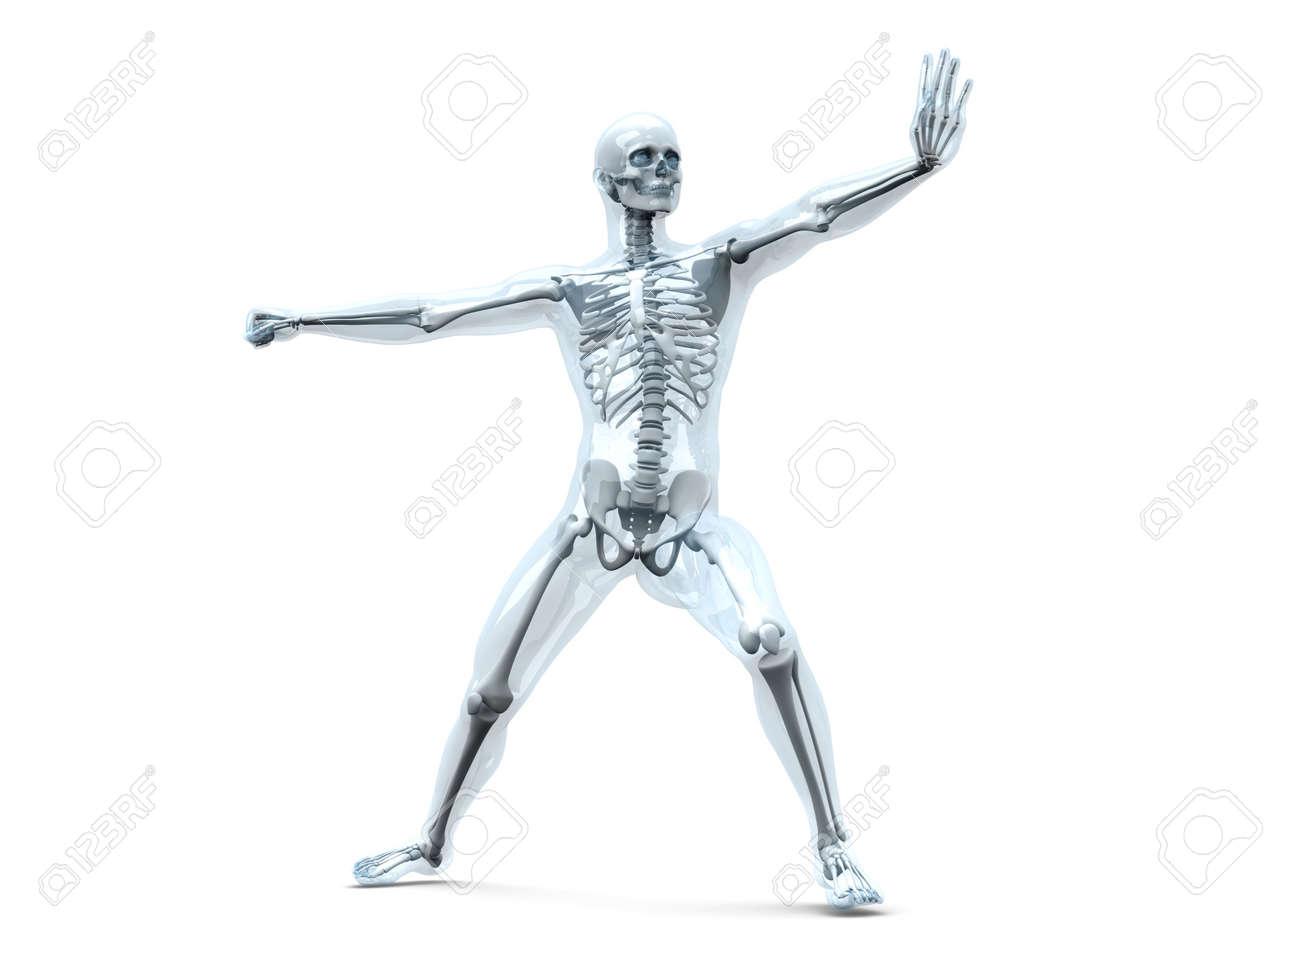 Una Visualización Médica De La Anatomía Humana. 3d Rindió La ...